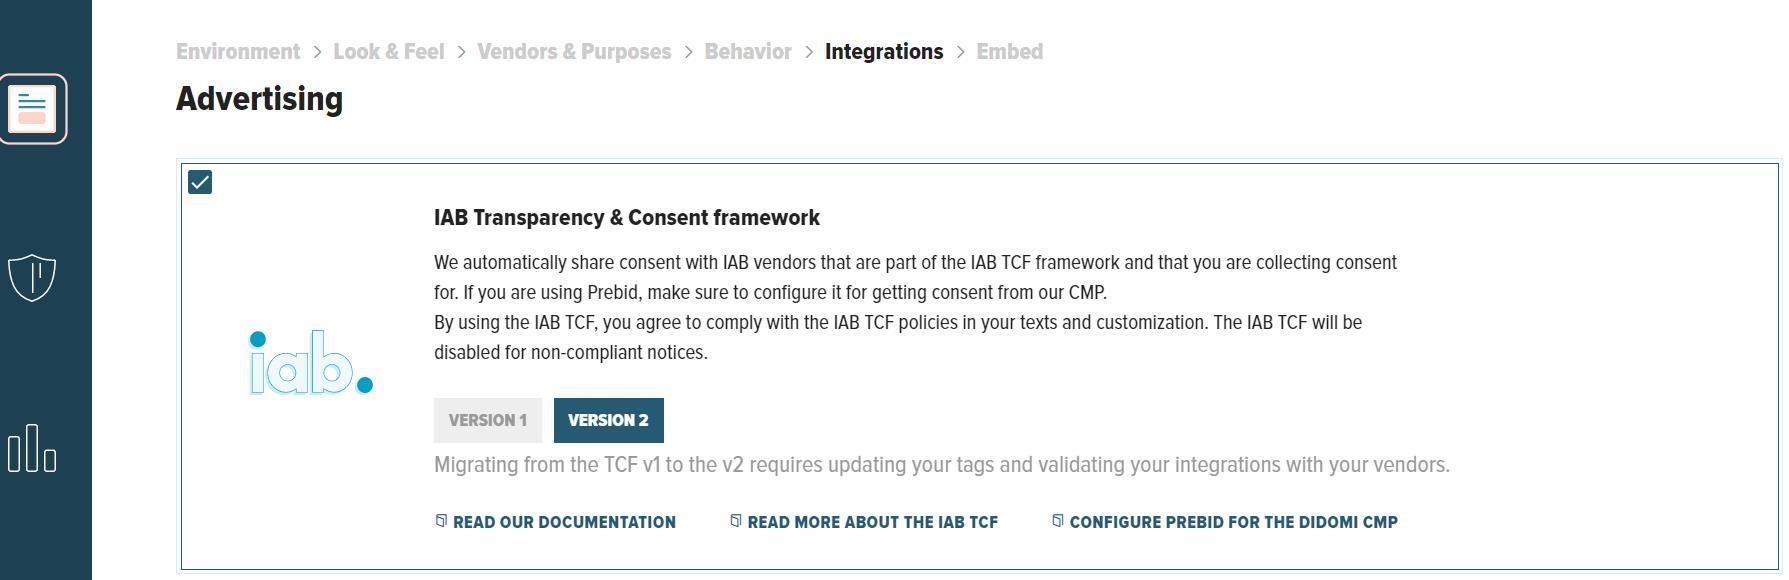 Didomi Compliance Console et 21 pages de plus - Personnel – Microsoft_ Edge 2021-06-29 at 12.26.40 PM